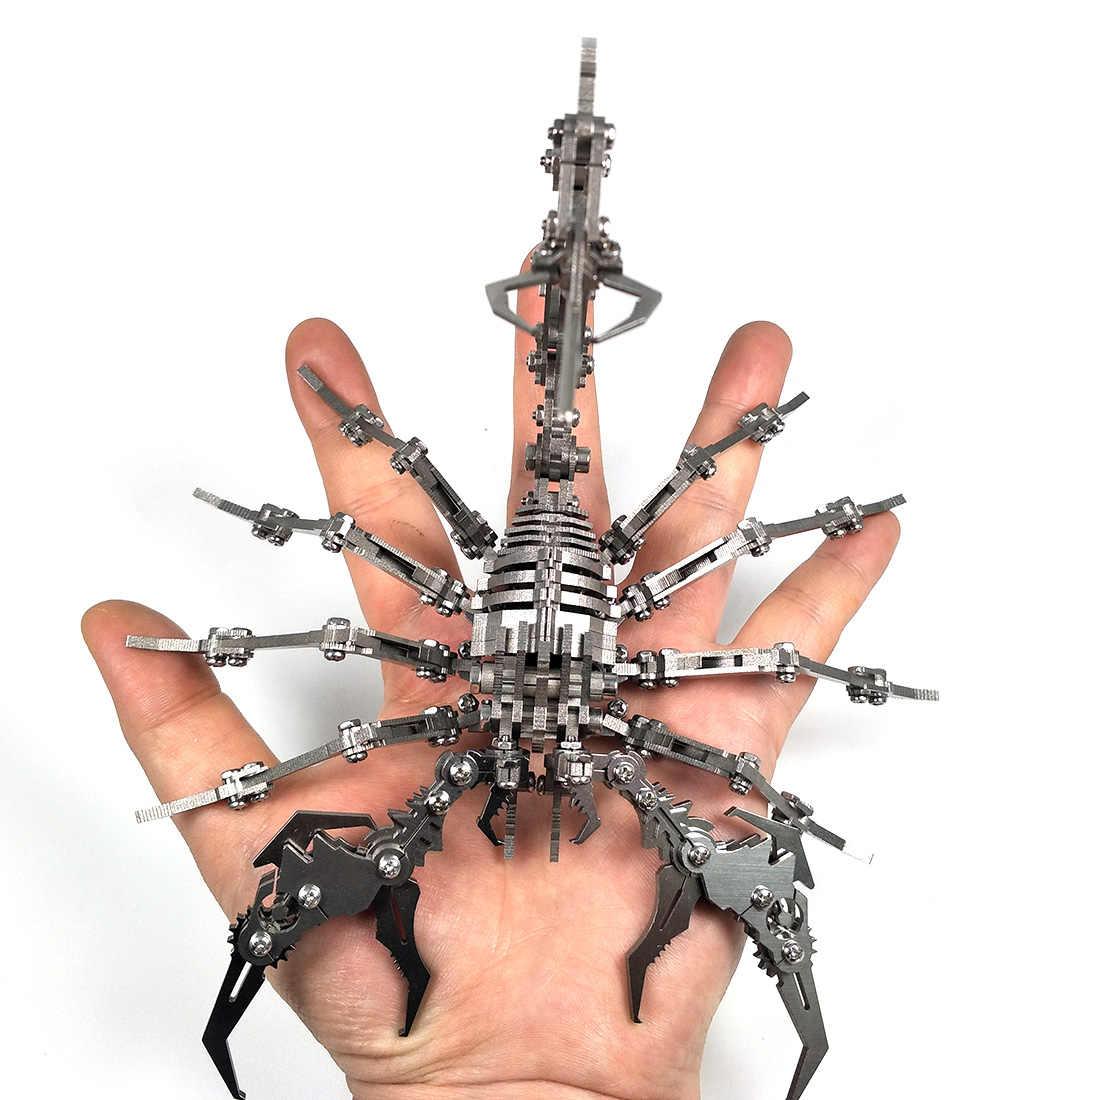 Scorpion roi modèle Kit d'assemblage 3D en acier inoxydable bricolage assembler des modèles détachables Puzzle jouets ornements enfants hommes cadeau argent